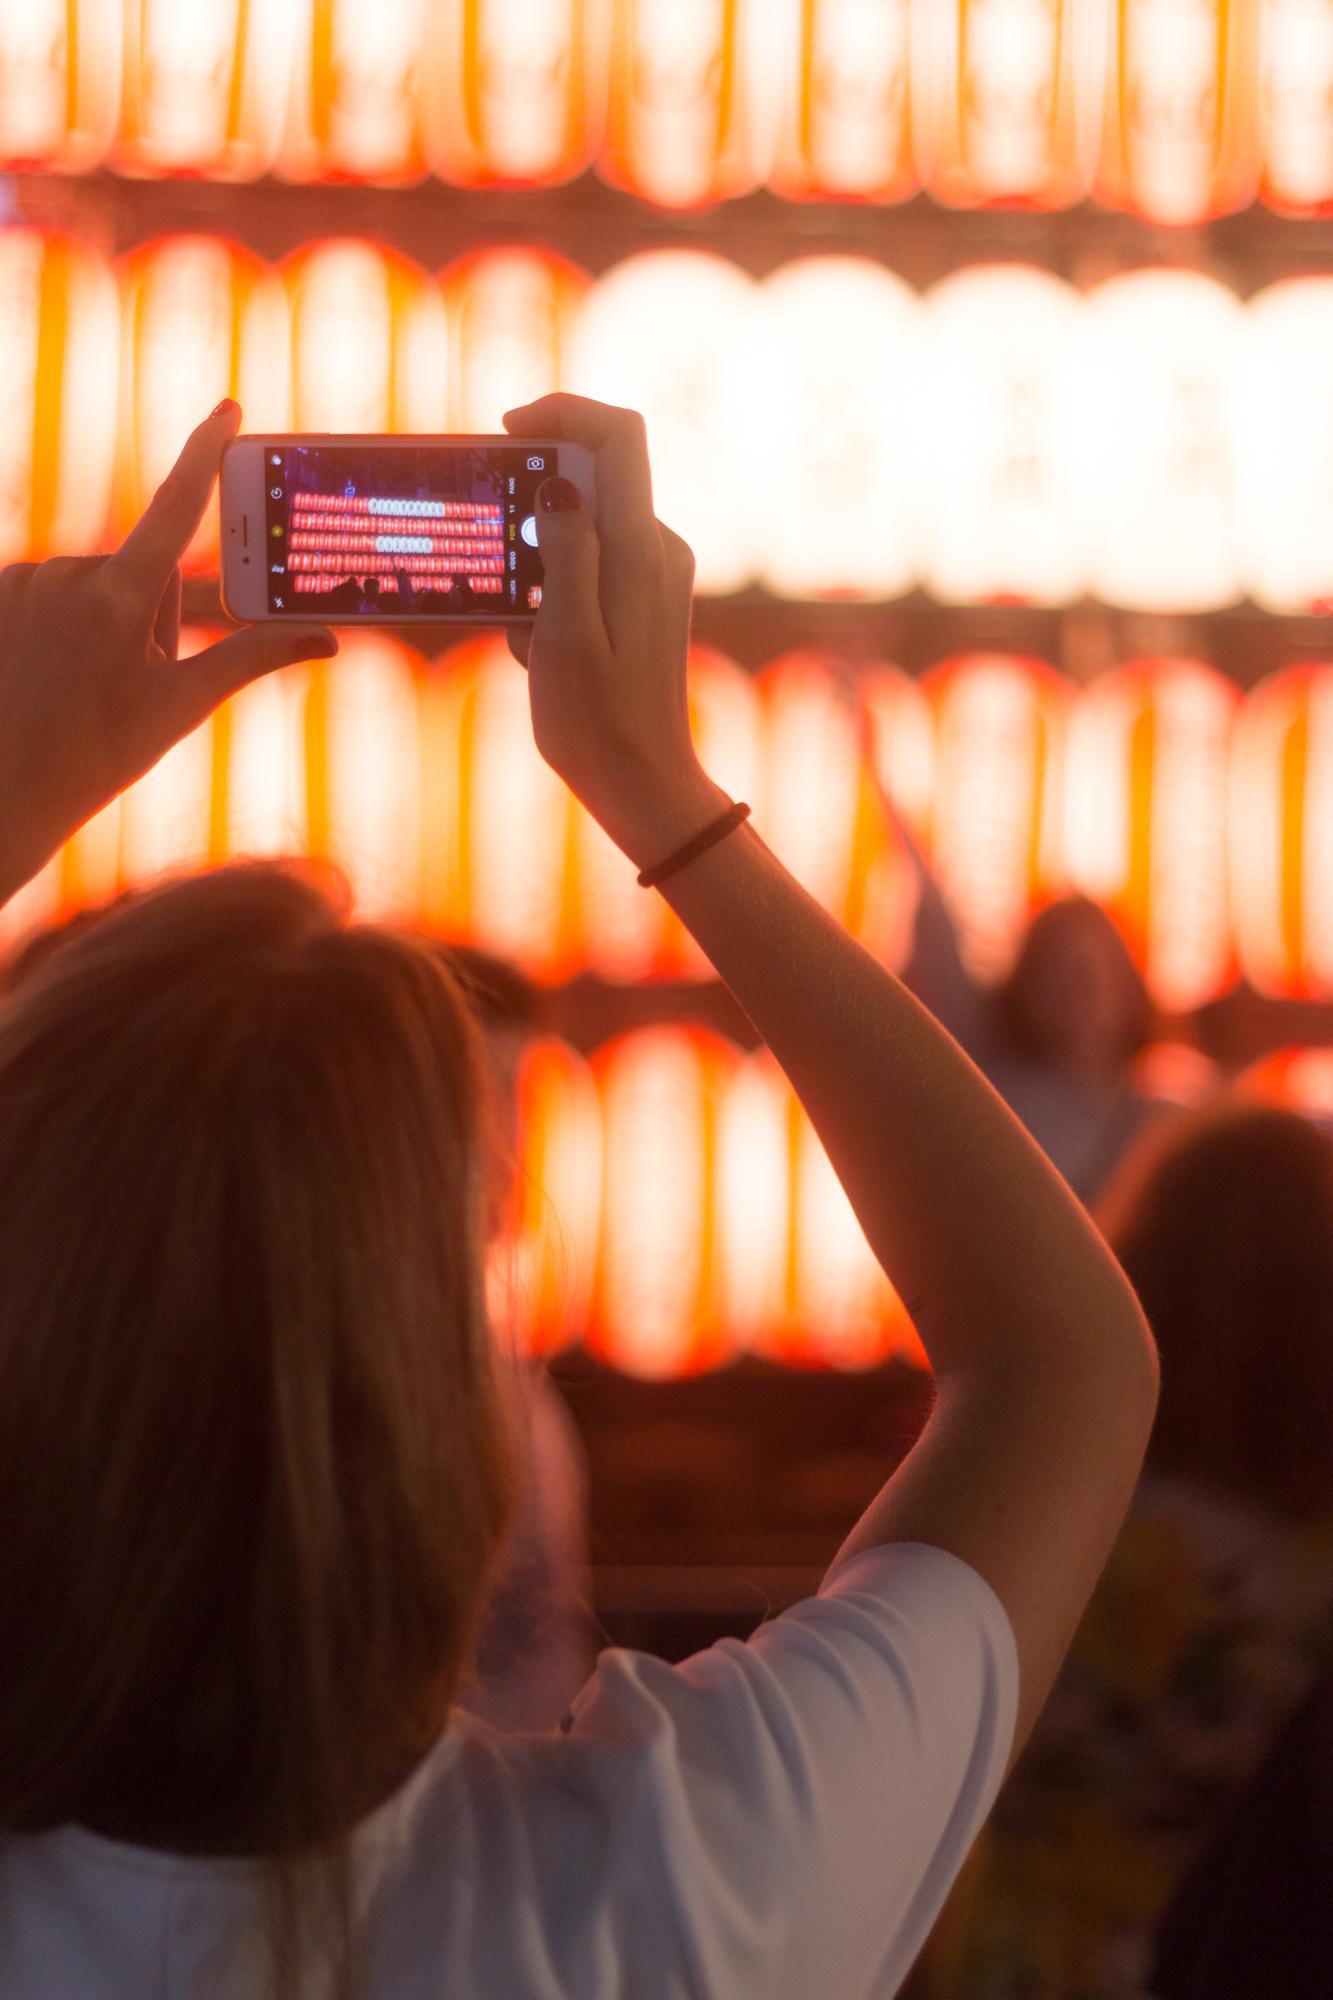 スナップマートで「夏祭りでスマホで撮影」写真をご購入頂きました!I sold photo Shooting photos with iPhone at summer festival in Japan on Snapmart